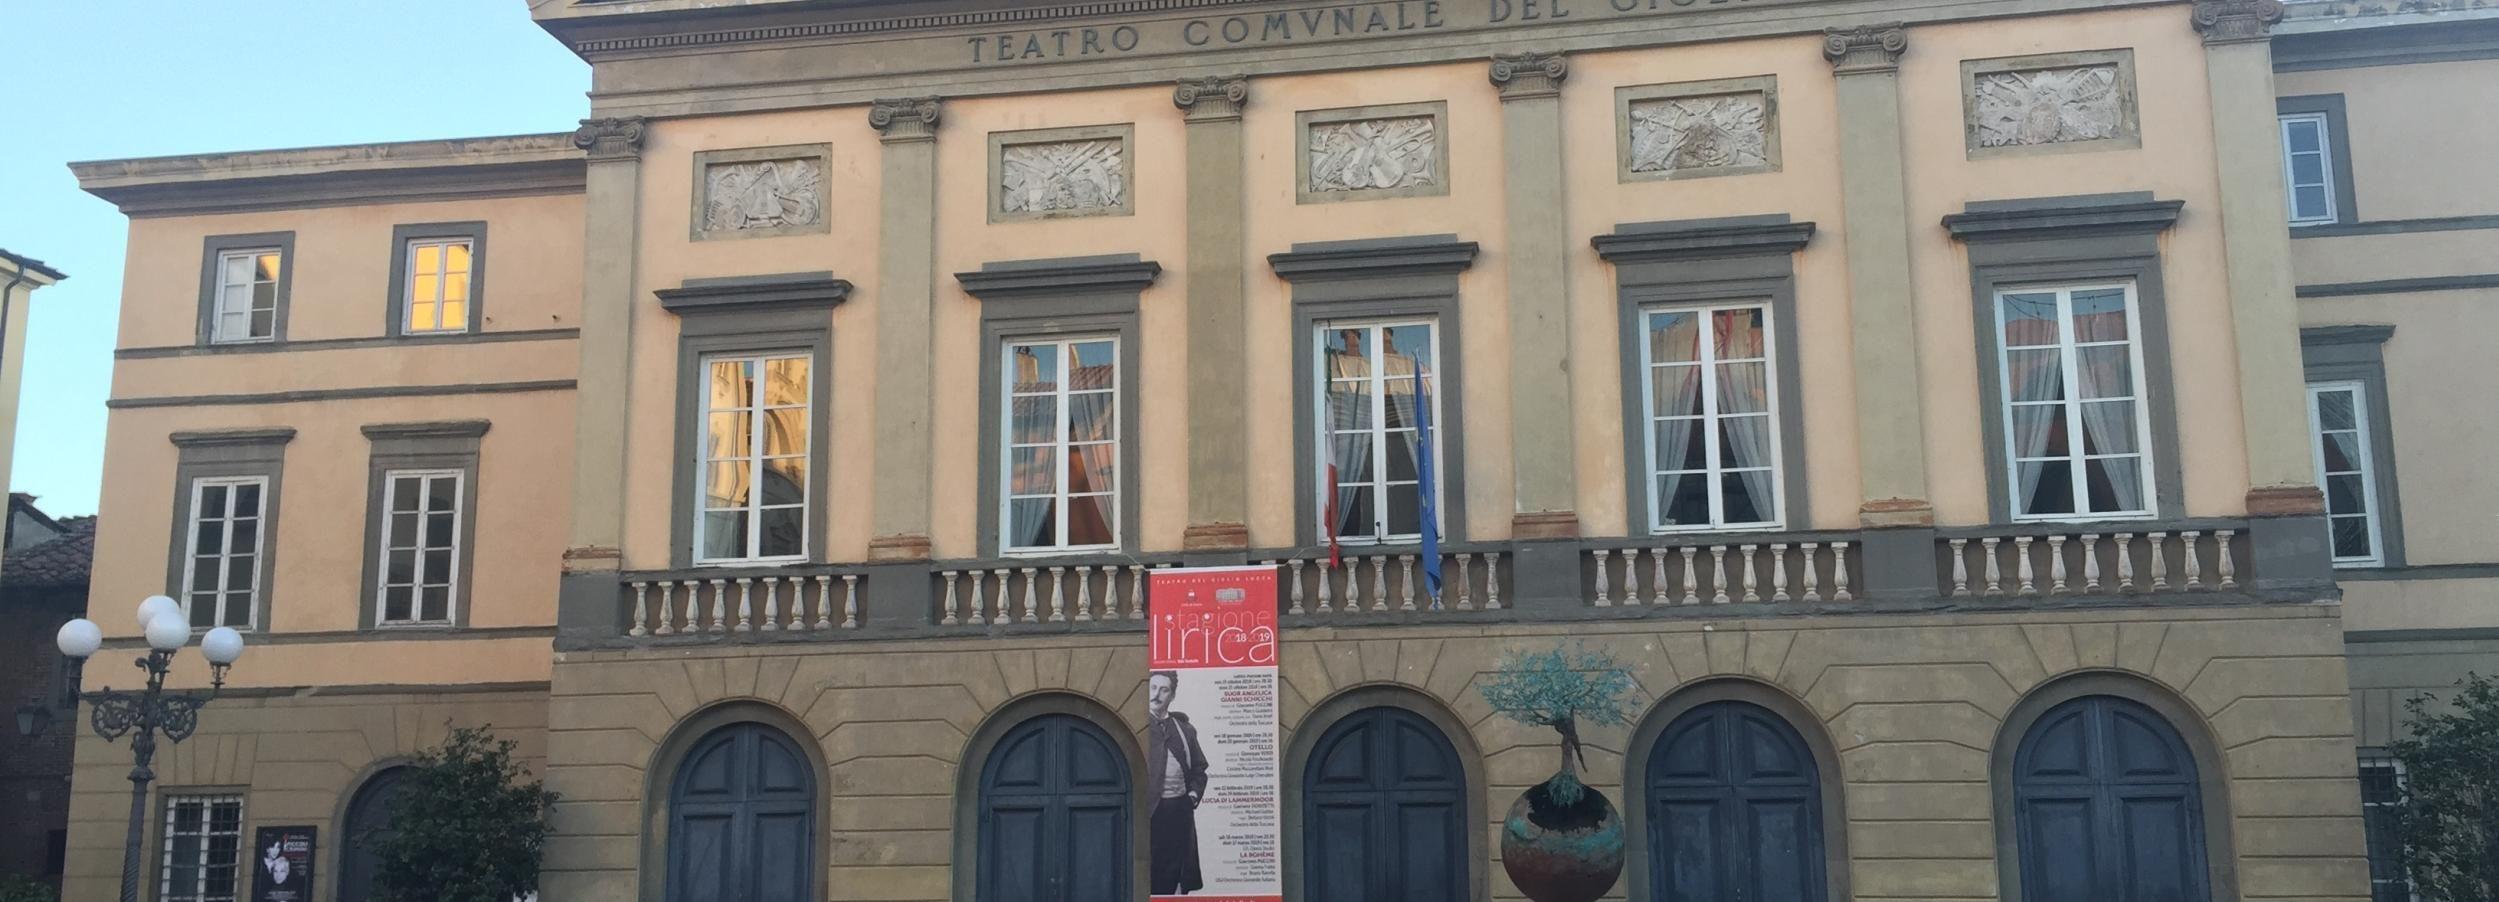 Lucca: muzikale wandeltocht met bezoek aan het Puccini-museum